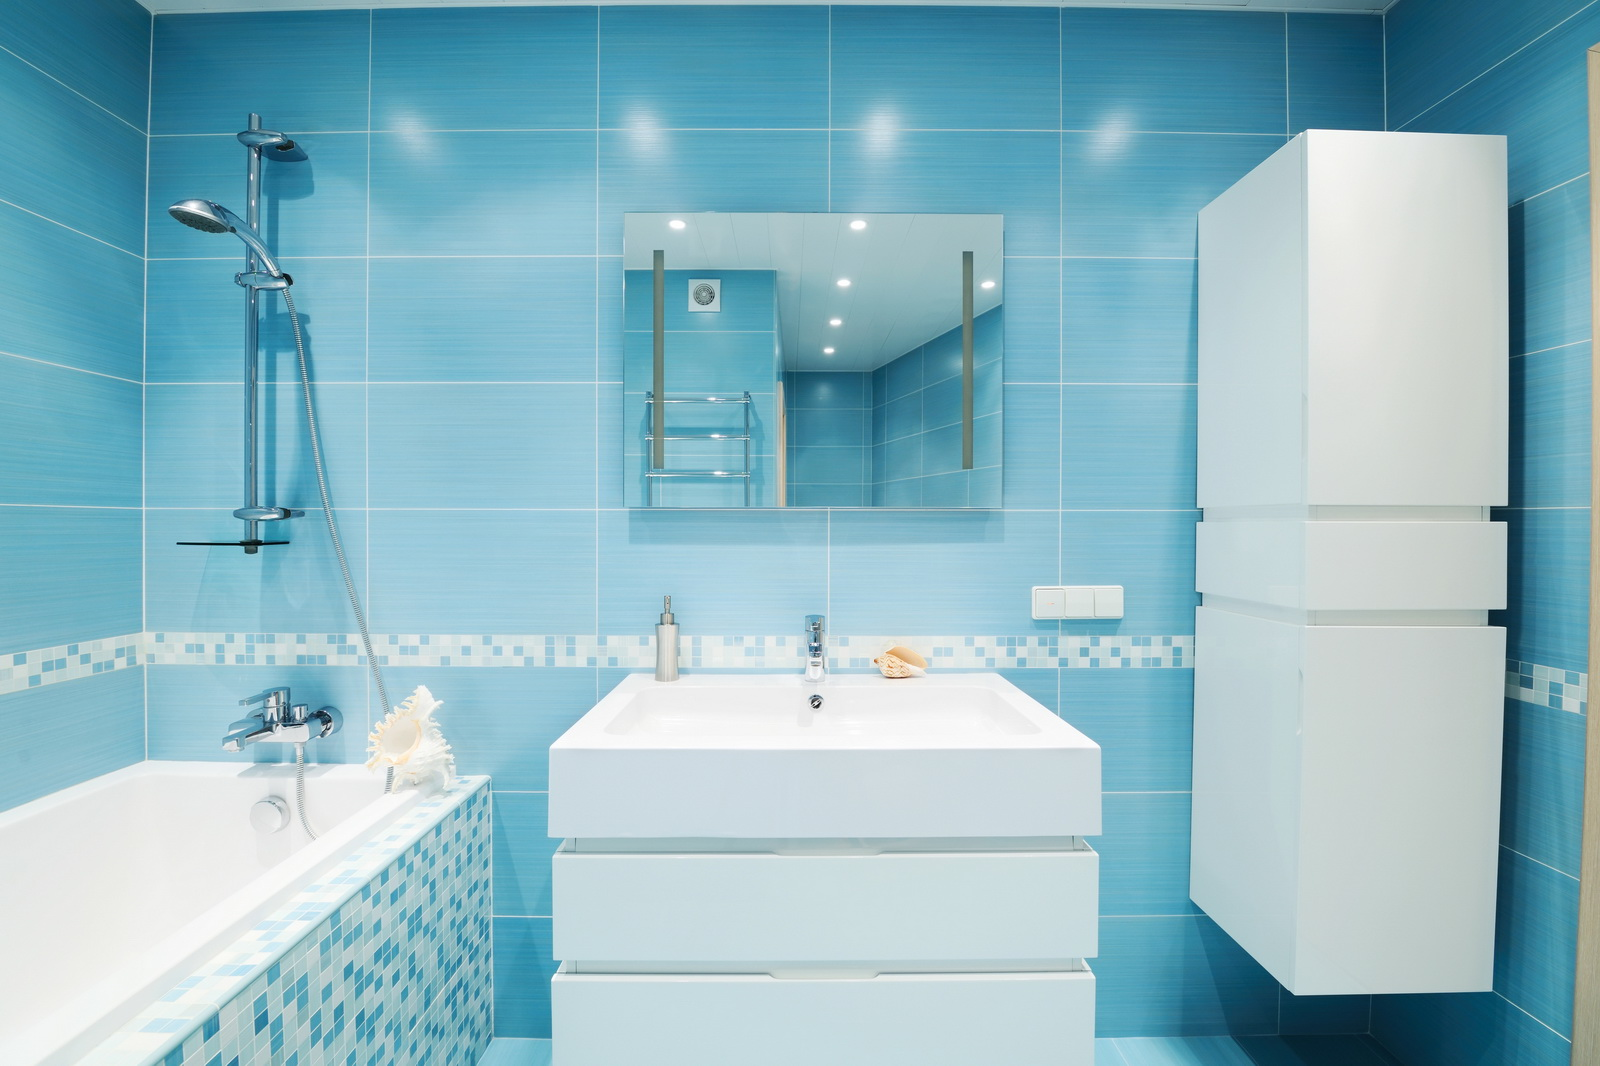 Дизайн маленькой ванной комнаты в голубых тонах